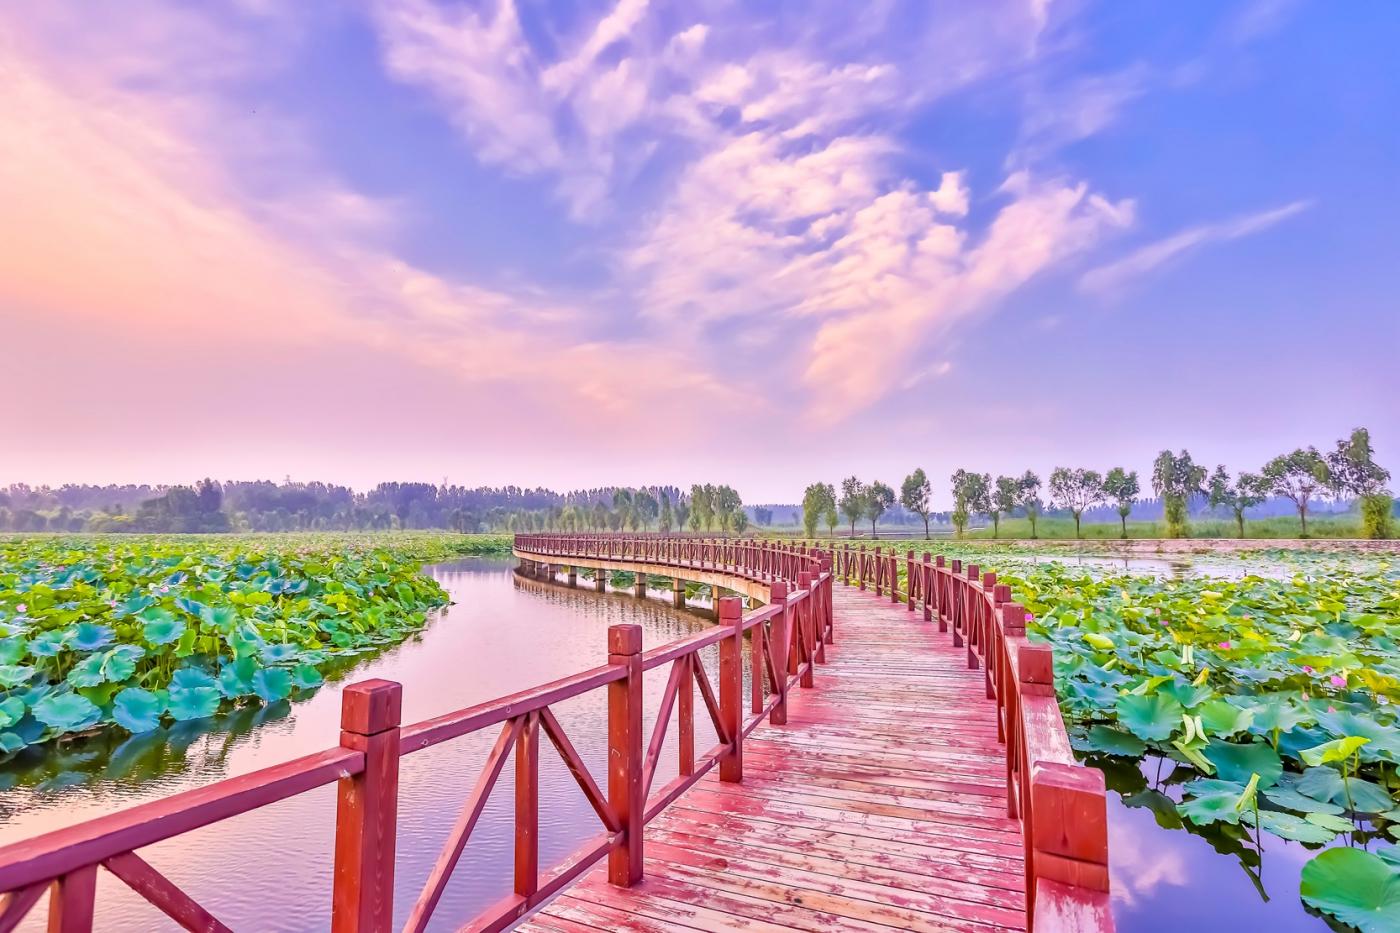 早晨的祥云印照下的临沂黄山武河湿地红荷园_图1-17